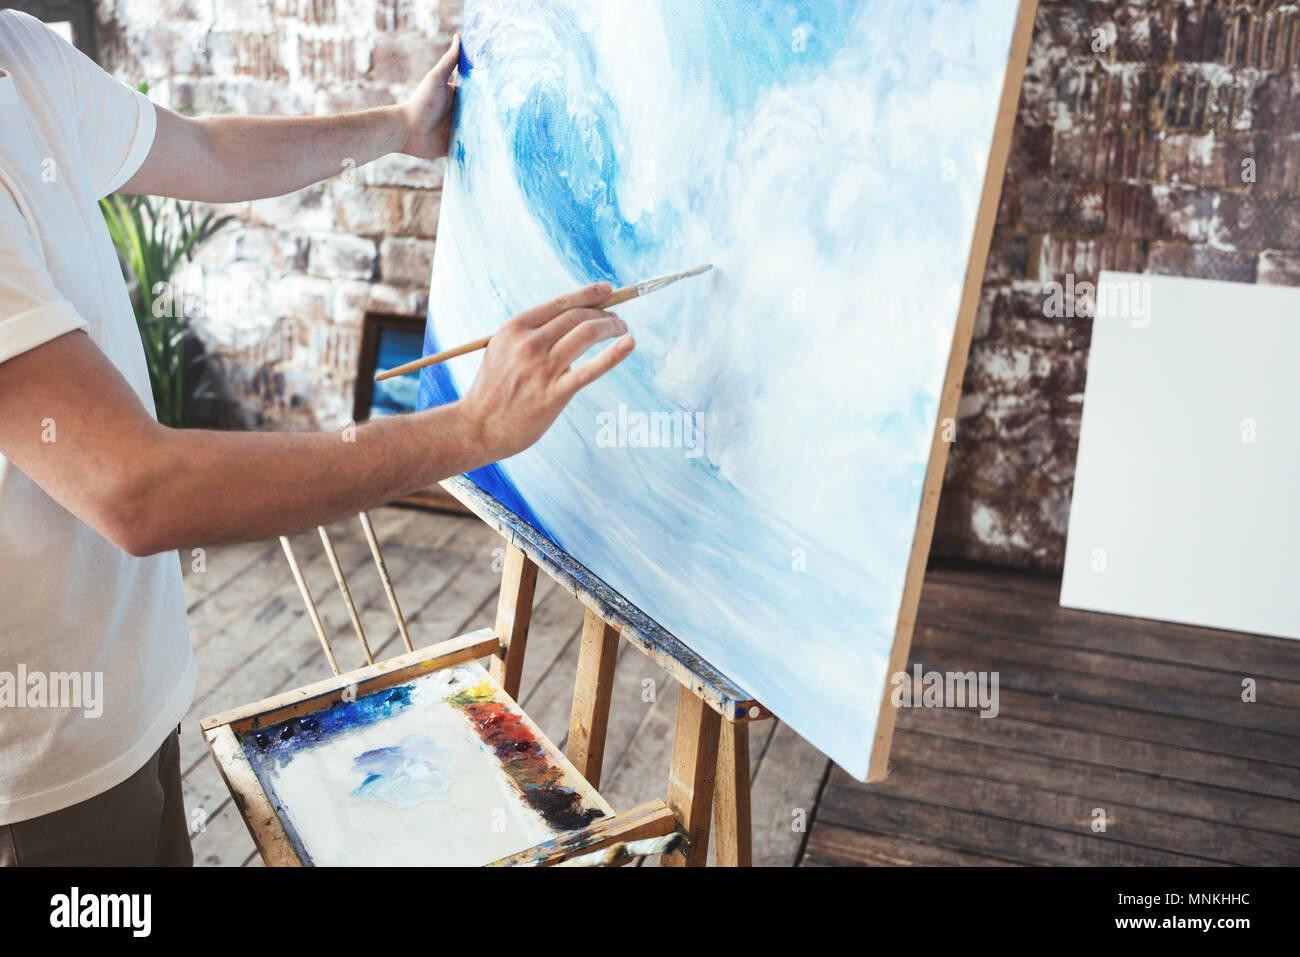 Proceso de dibujo con oilpaints y pincel. Artista pinturas sobre lienzo pintura de caballete en el estudio. Hobby Imagen De Stock